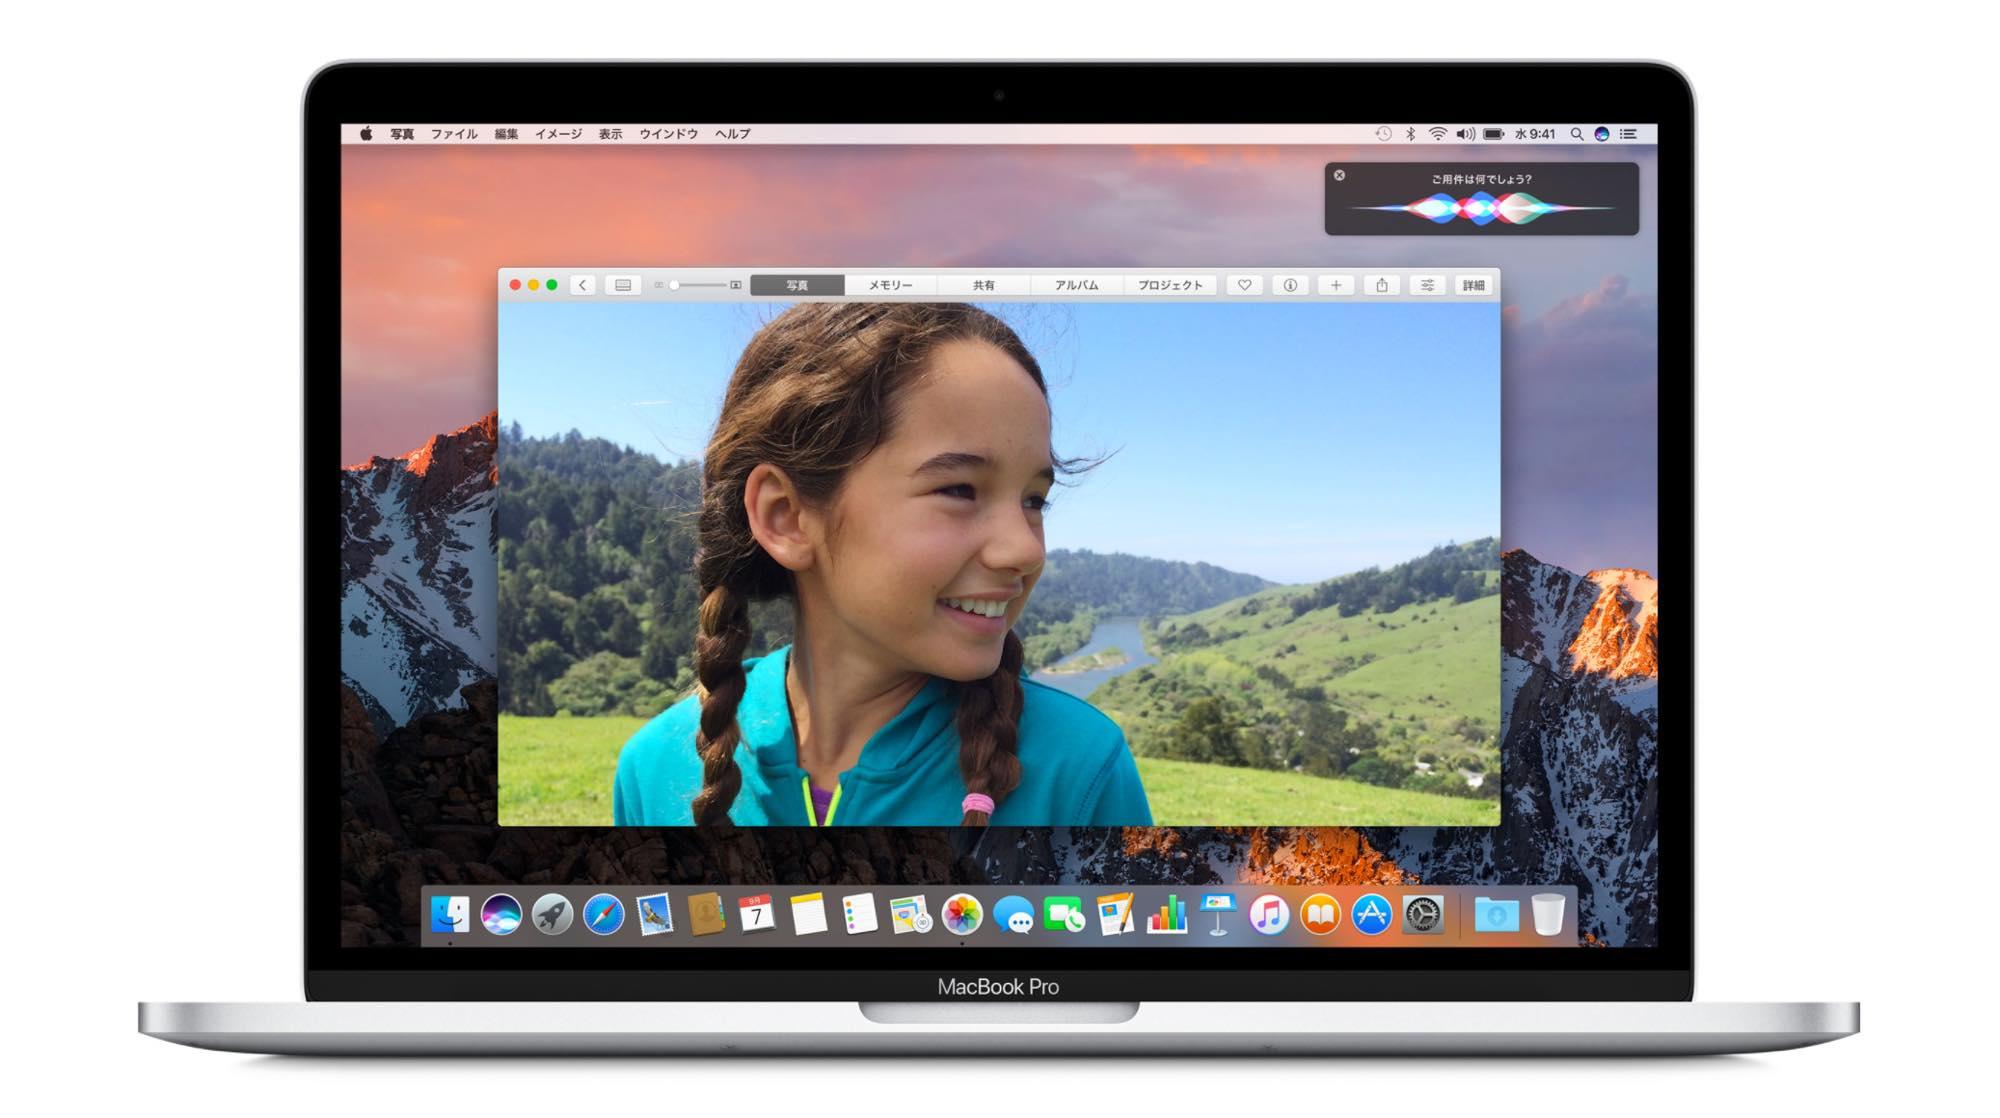 macbookpro-20166